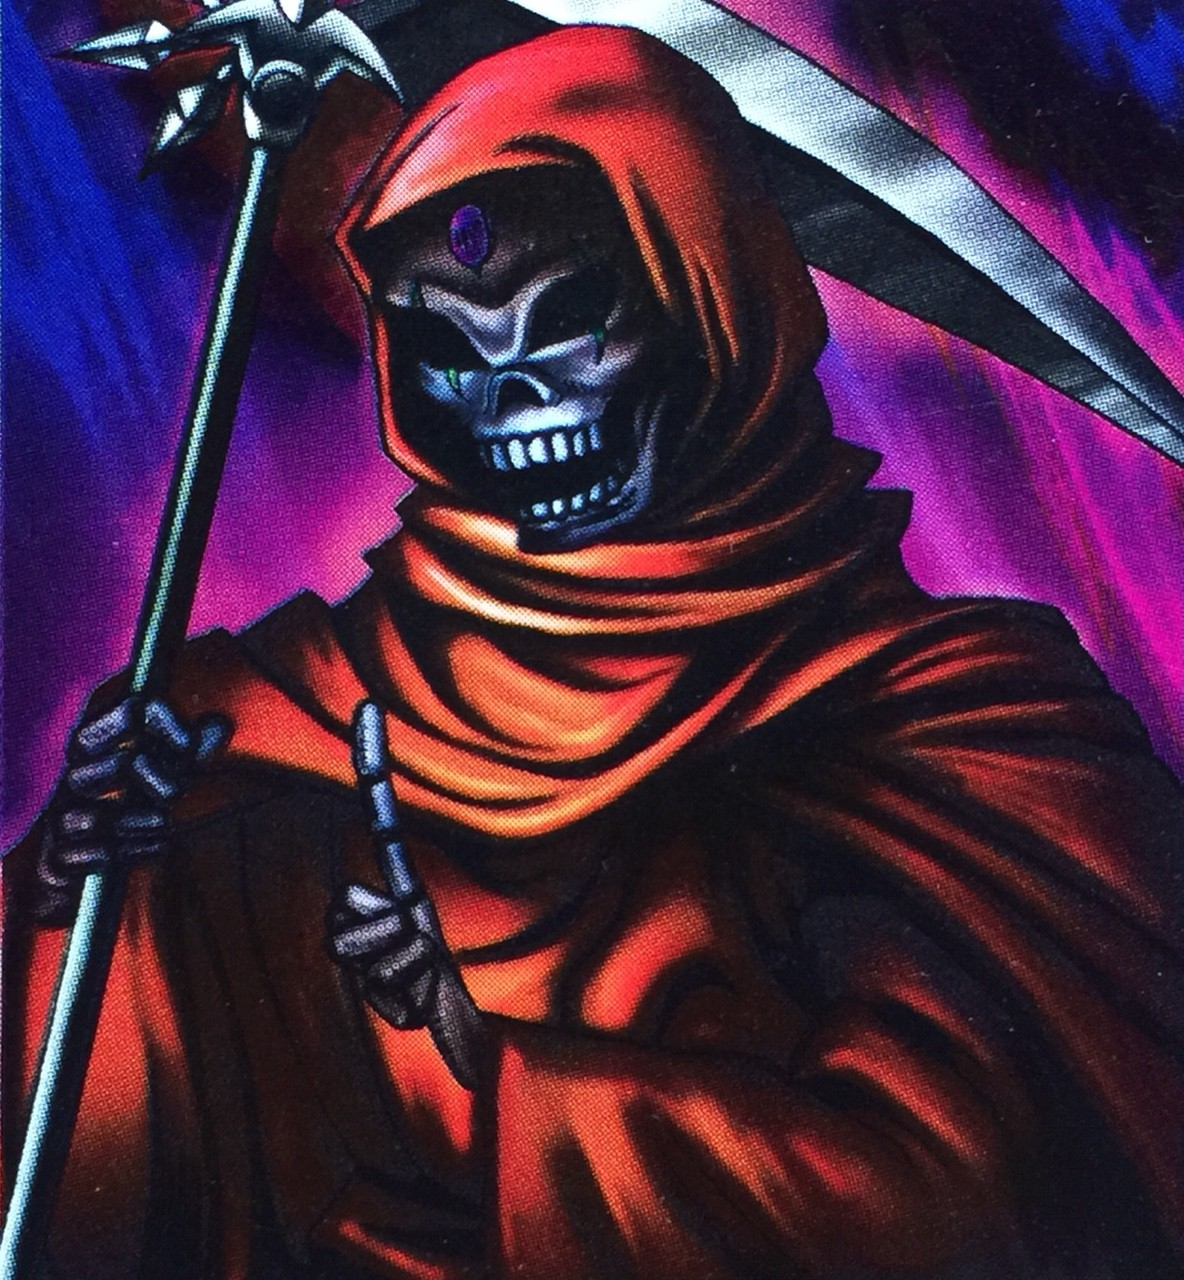 スケルトン(骸骨)って、ゾンビより強そうだよな。なぜか剣と盾持ってるし [無断転載禁止]©2ch.net [275723402]YouTube動画>1本 ->画像>62枚